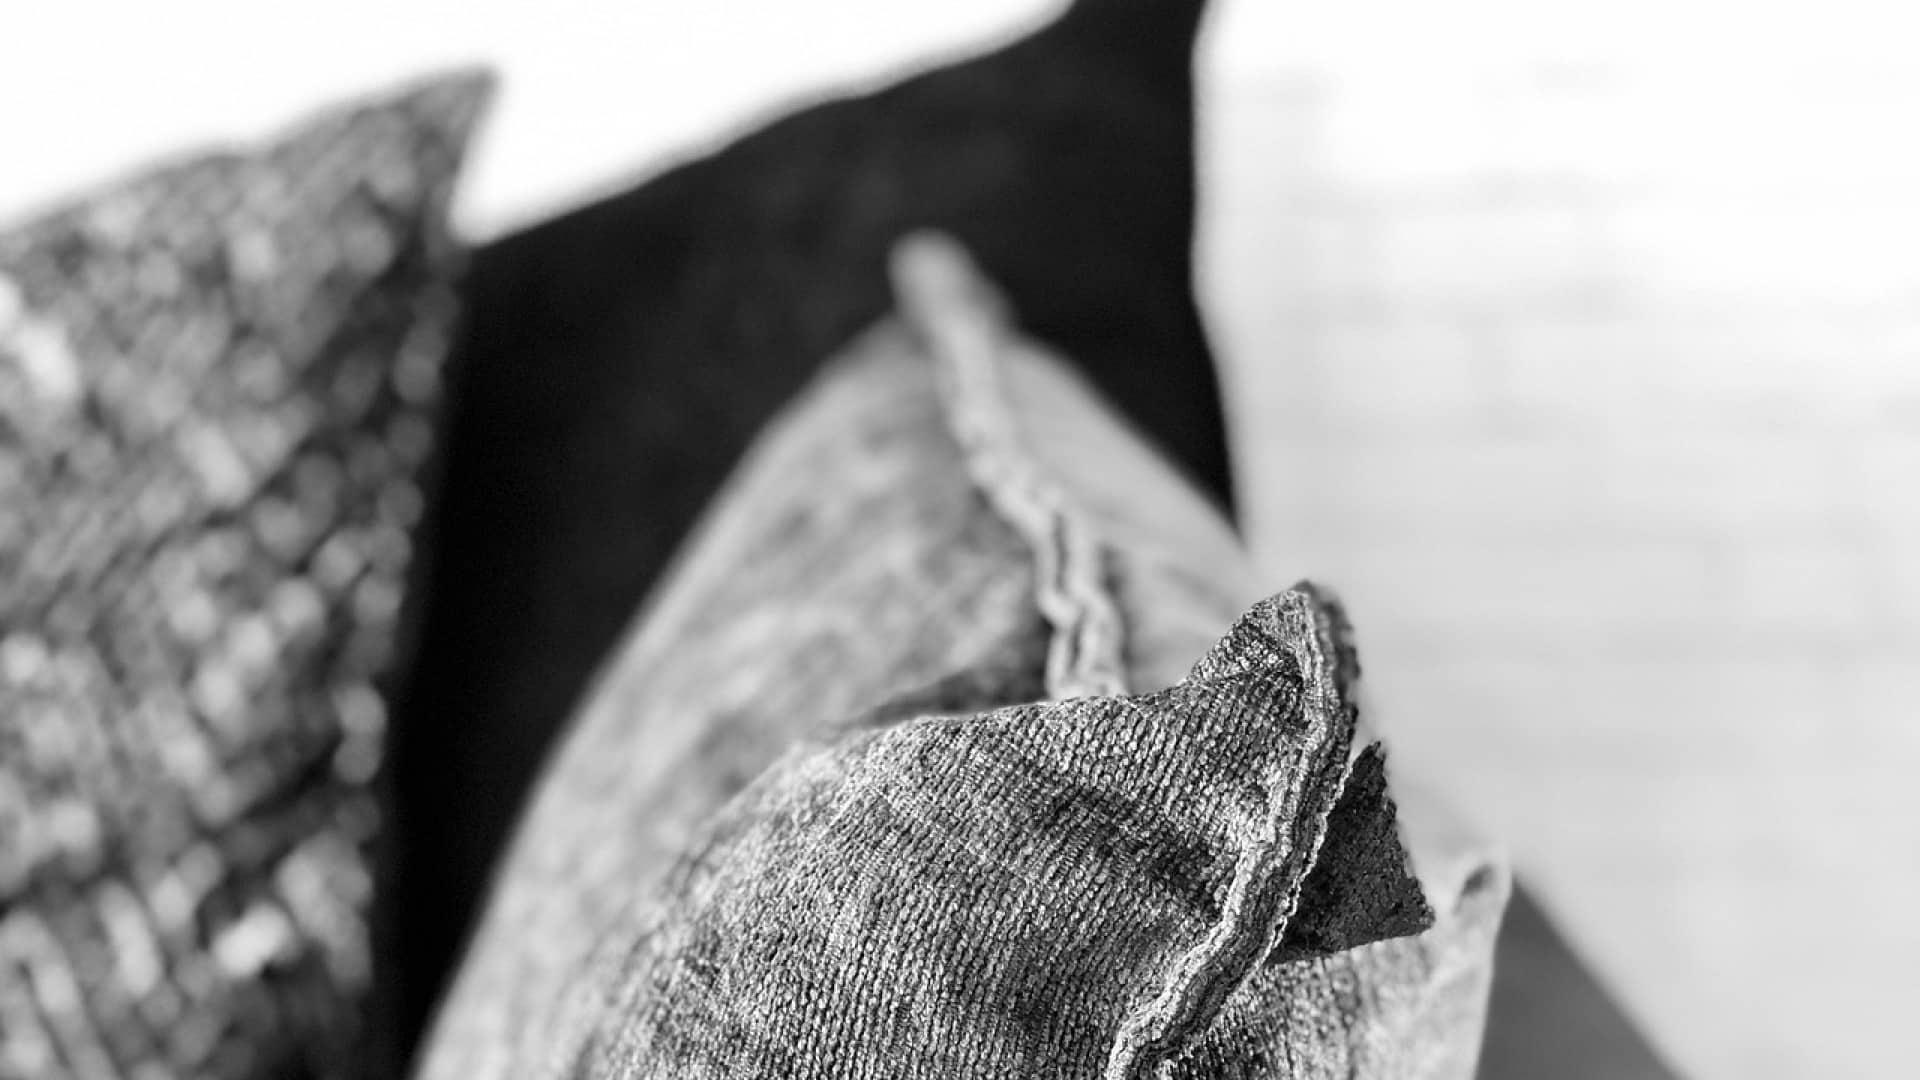 4 critères pour bien choisir son coussin de sol